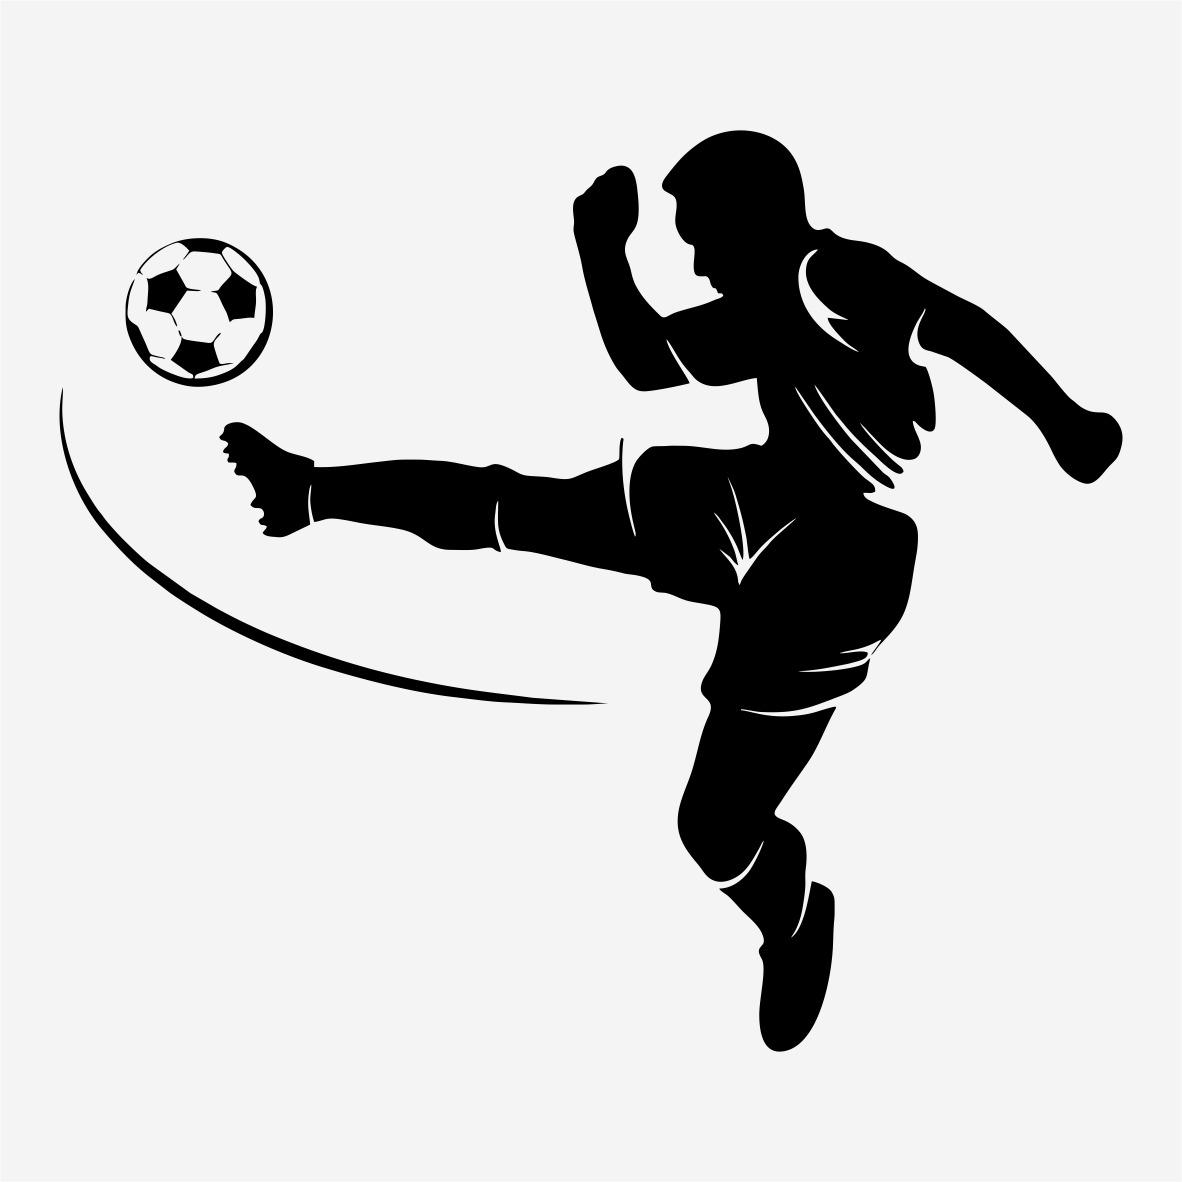 Armario Sinonimo De Arca ~ Adesivo Decorativo Futebol Esportes Jogador Bola 120cm A657 R$ 83,99 em Mercado Livre